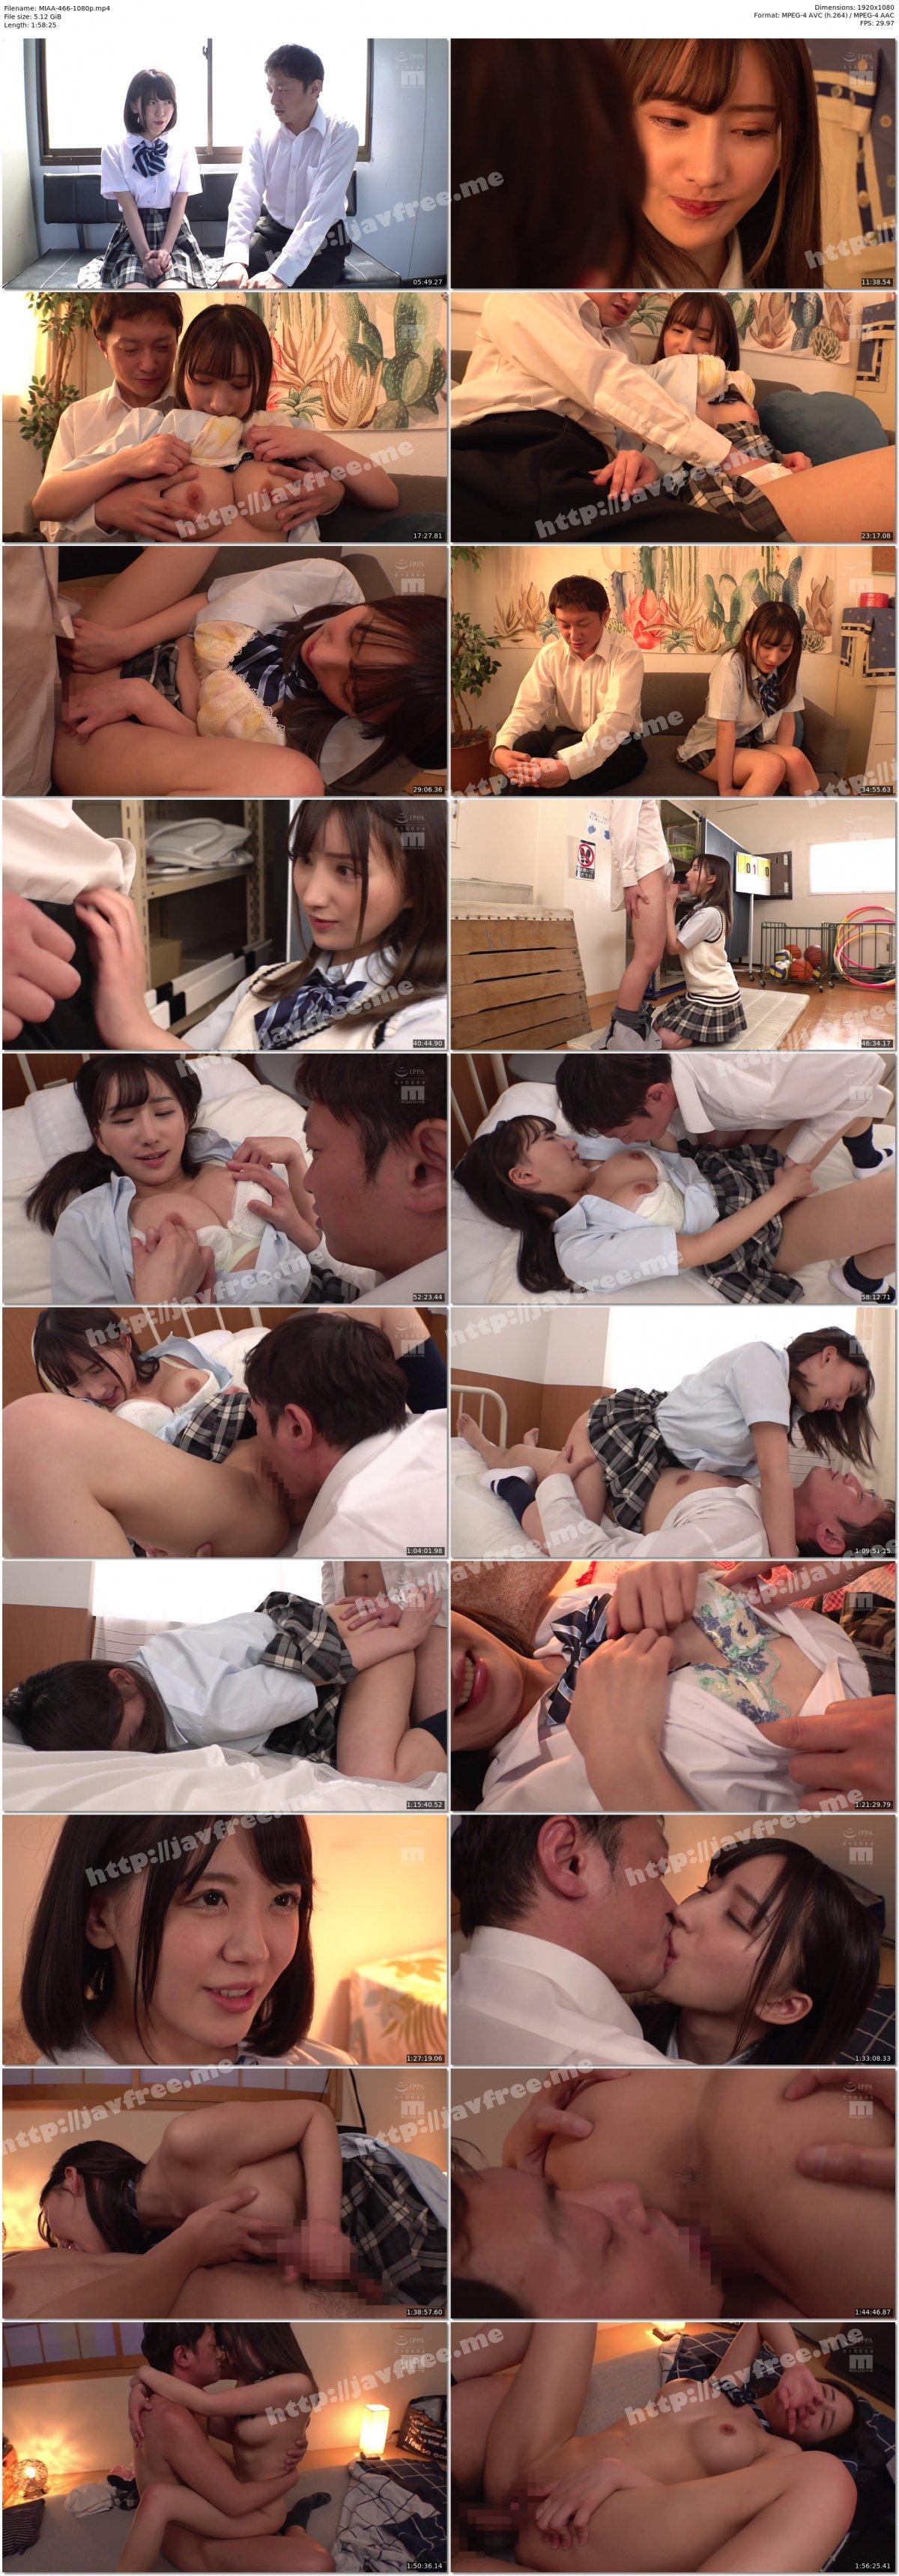 [HD][MIAA-466] はじめて彼女ができたので幼なじみとSEXや中出しの練習をする事にした 楪カレン - image MIAA-466-1080p on https://javfree.me